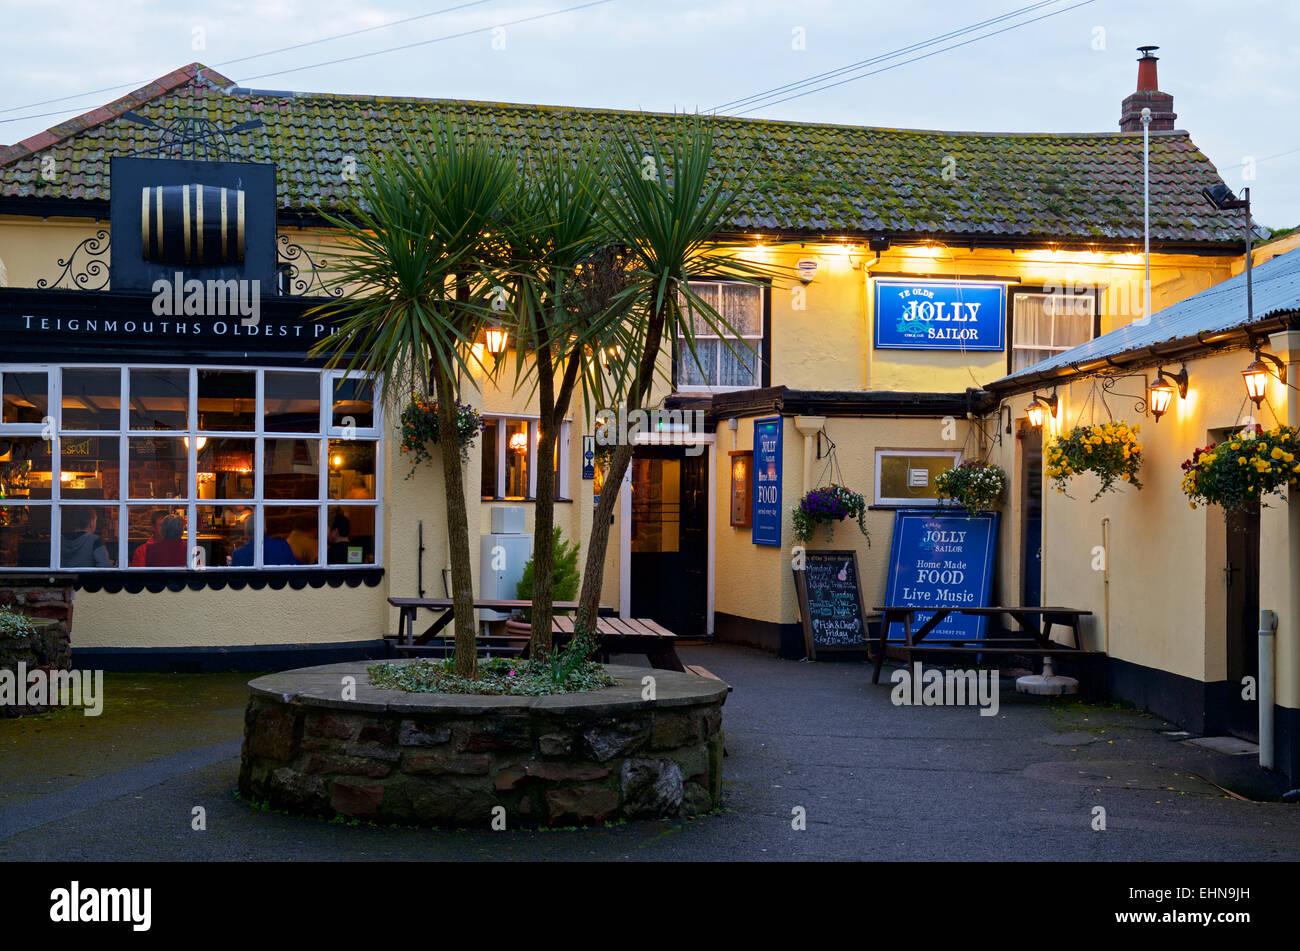 Il Jolly Sailor pub in Teignmouth, Devon, Inghilterra, Regno Unito Immagini Stock